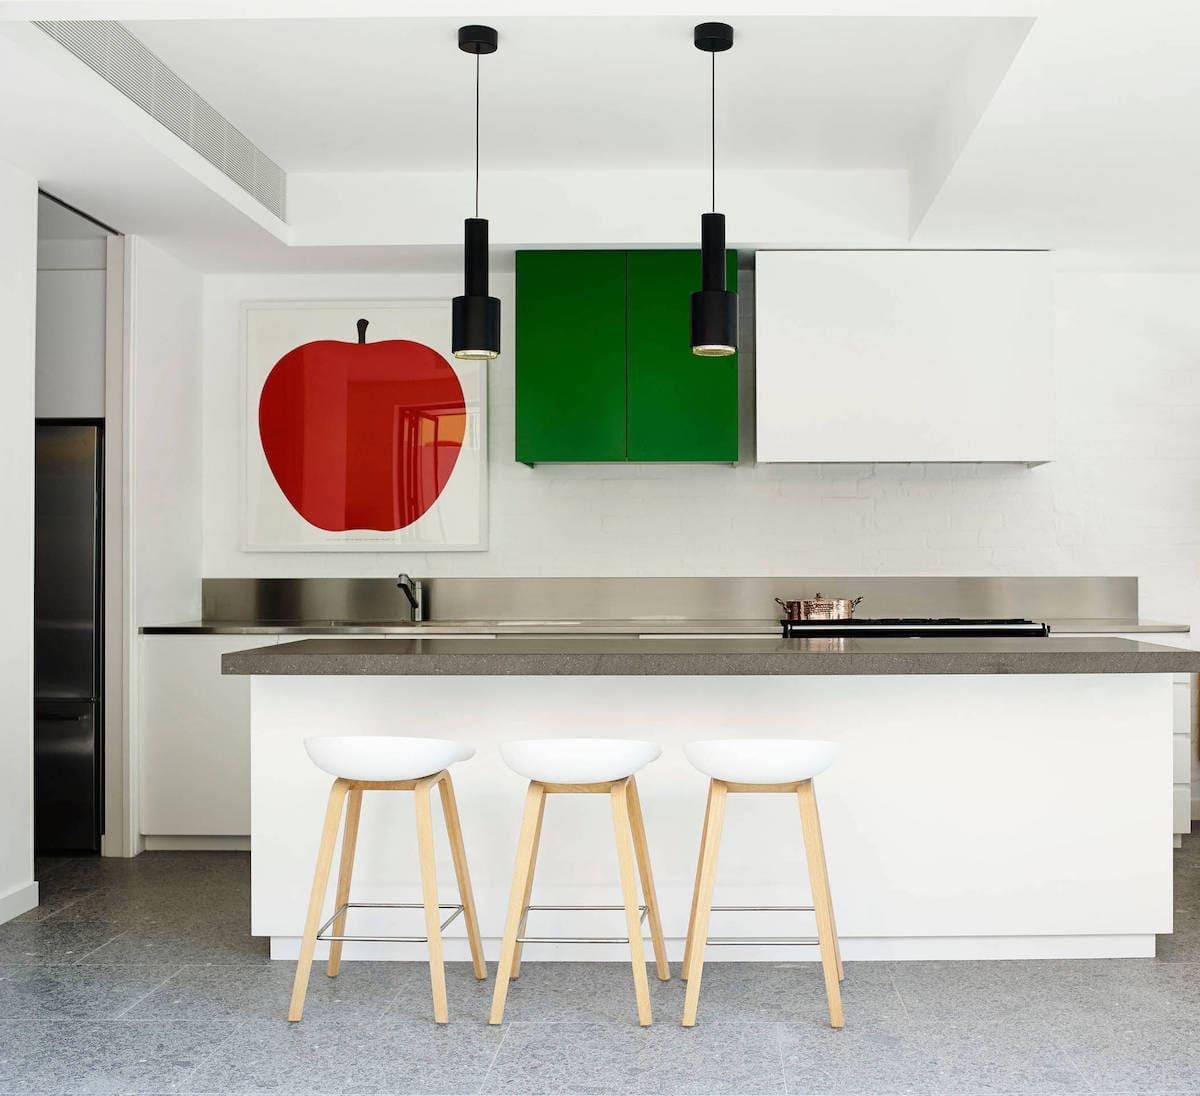 Оживить интерьер светлой кухни помогут яркие детали в виде картины или настенного шкафчика выполненного в другом цвете